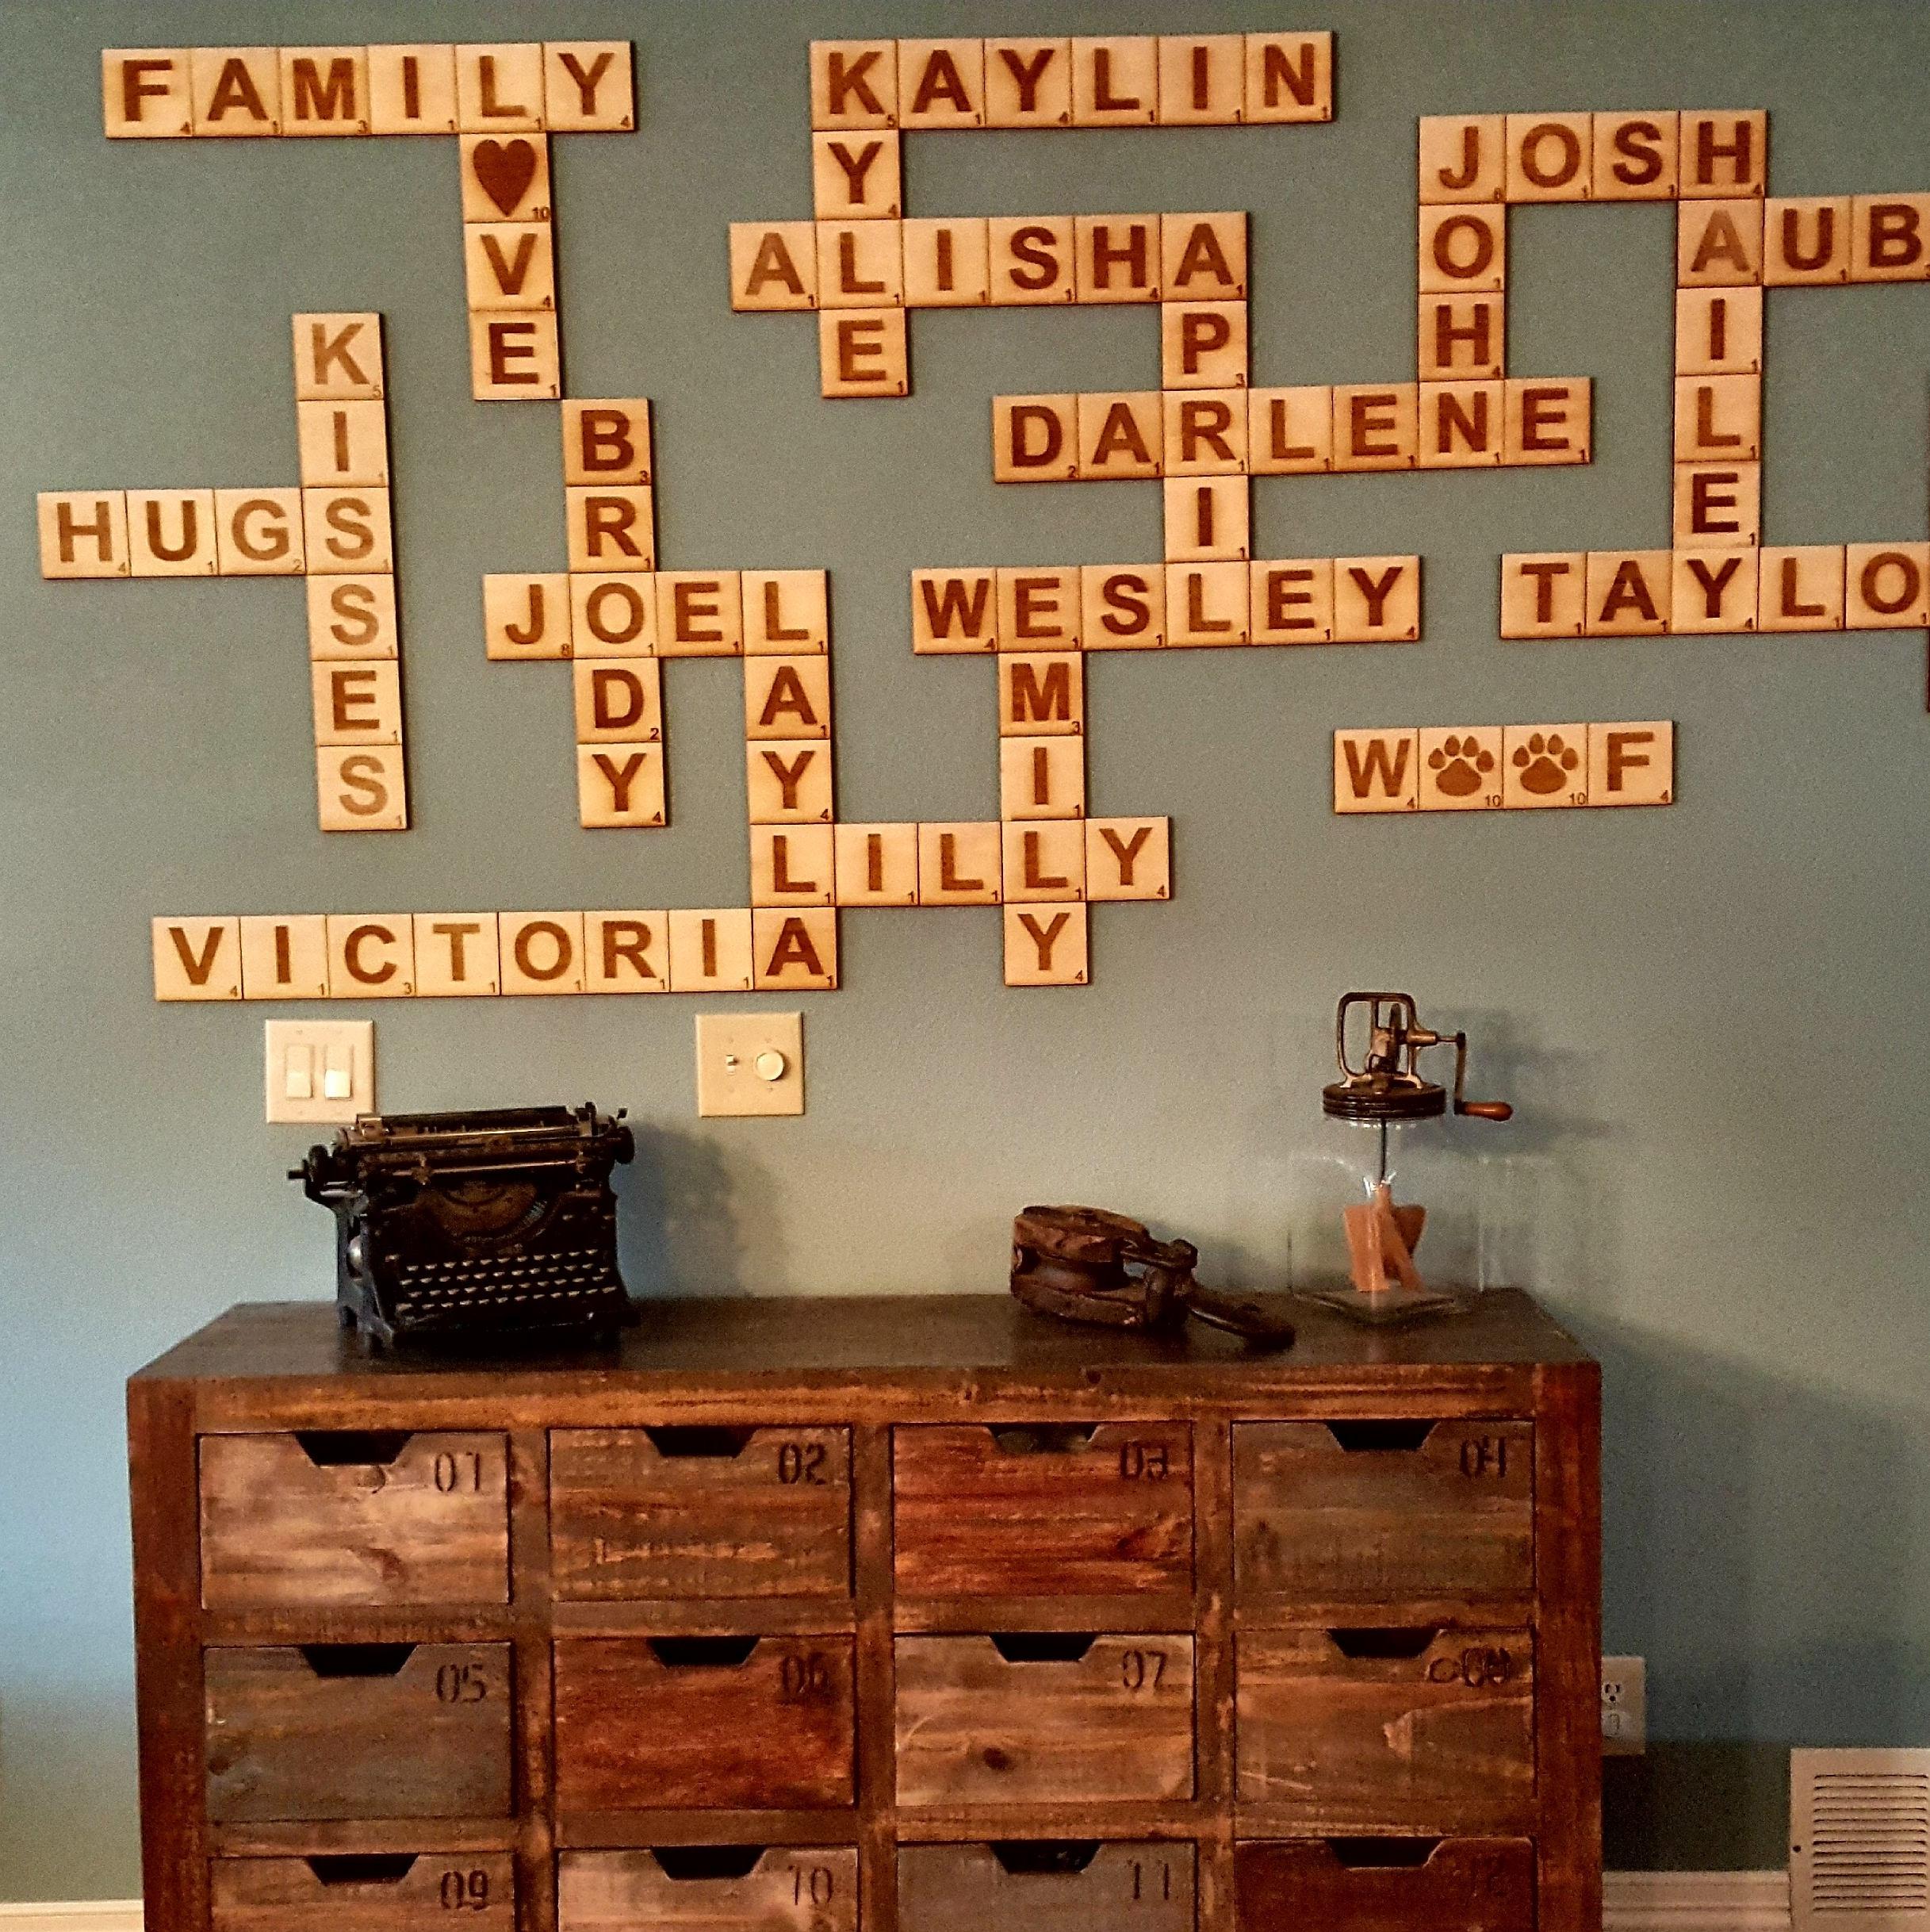 Scrabble Wall Tiles, Scrabble Letters, Scrabble Tiles, Scrabble Wall Inside Most Up To Date Scrabble Wall Art (View 17 of 20)